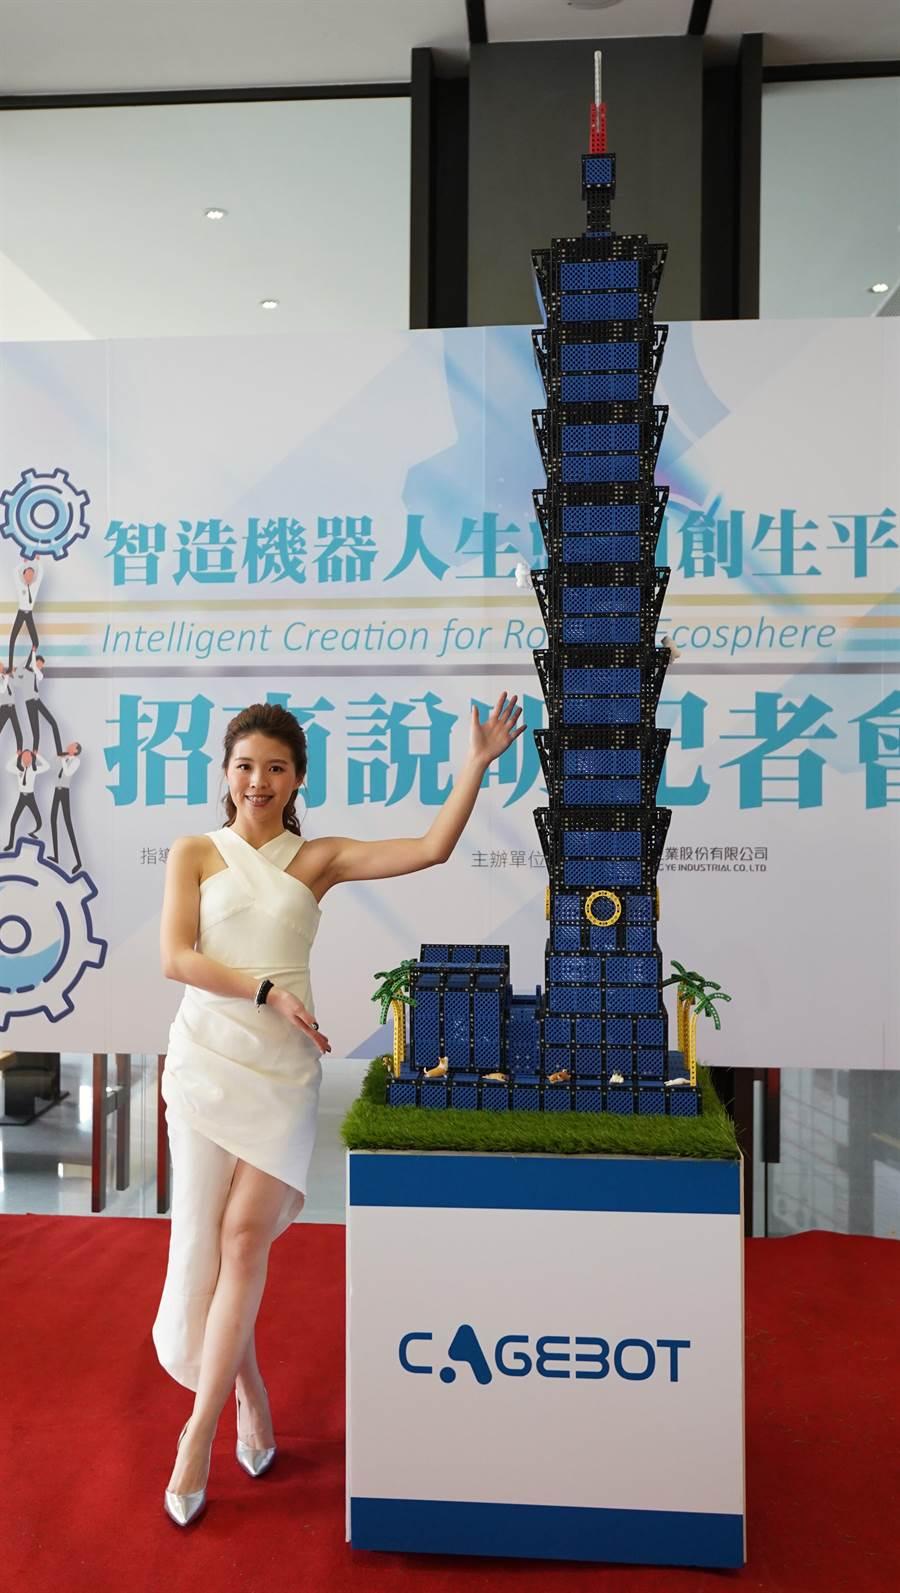 祥儀企業的科技寶積木結構穩固耐損耗、承重力強,可以自由組裝成各項產品,未來進駐祥儀「智造機器人生態圈創生平台」的每一家業者,都可以自由運用。(蔡依珍攝)